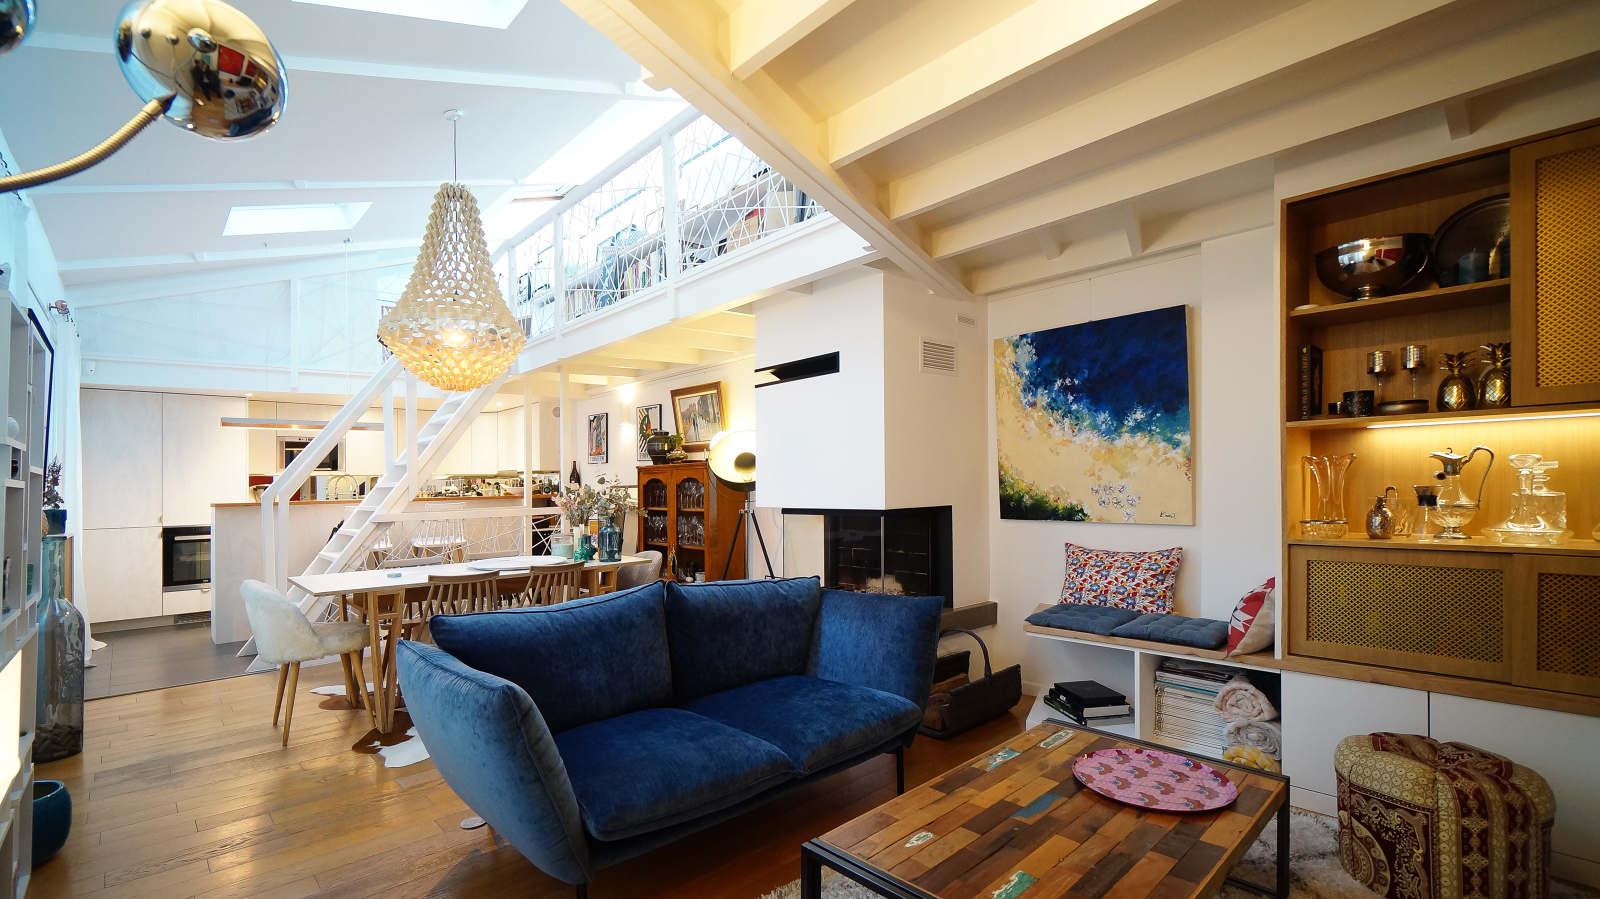 Architecte Interieur Paris 18 atelier sept - architecte paris 18ème - bardin architecte